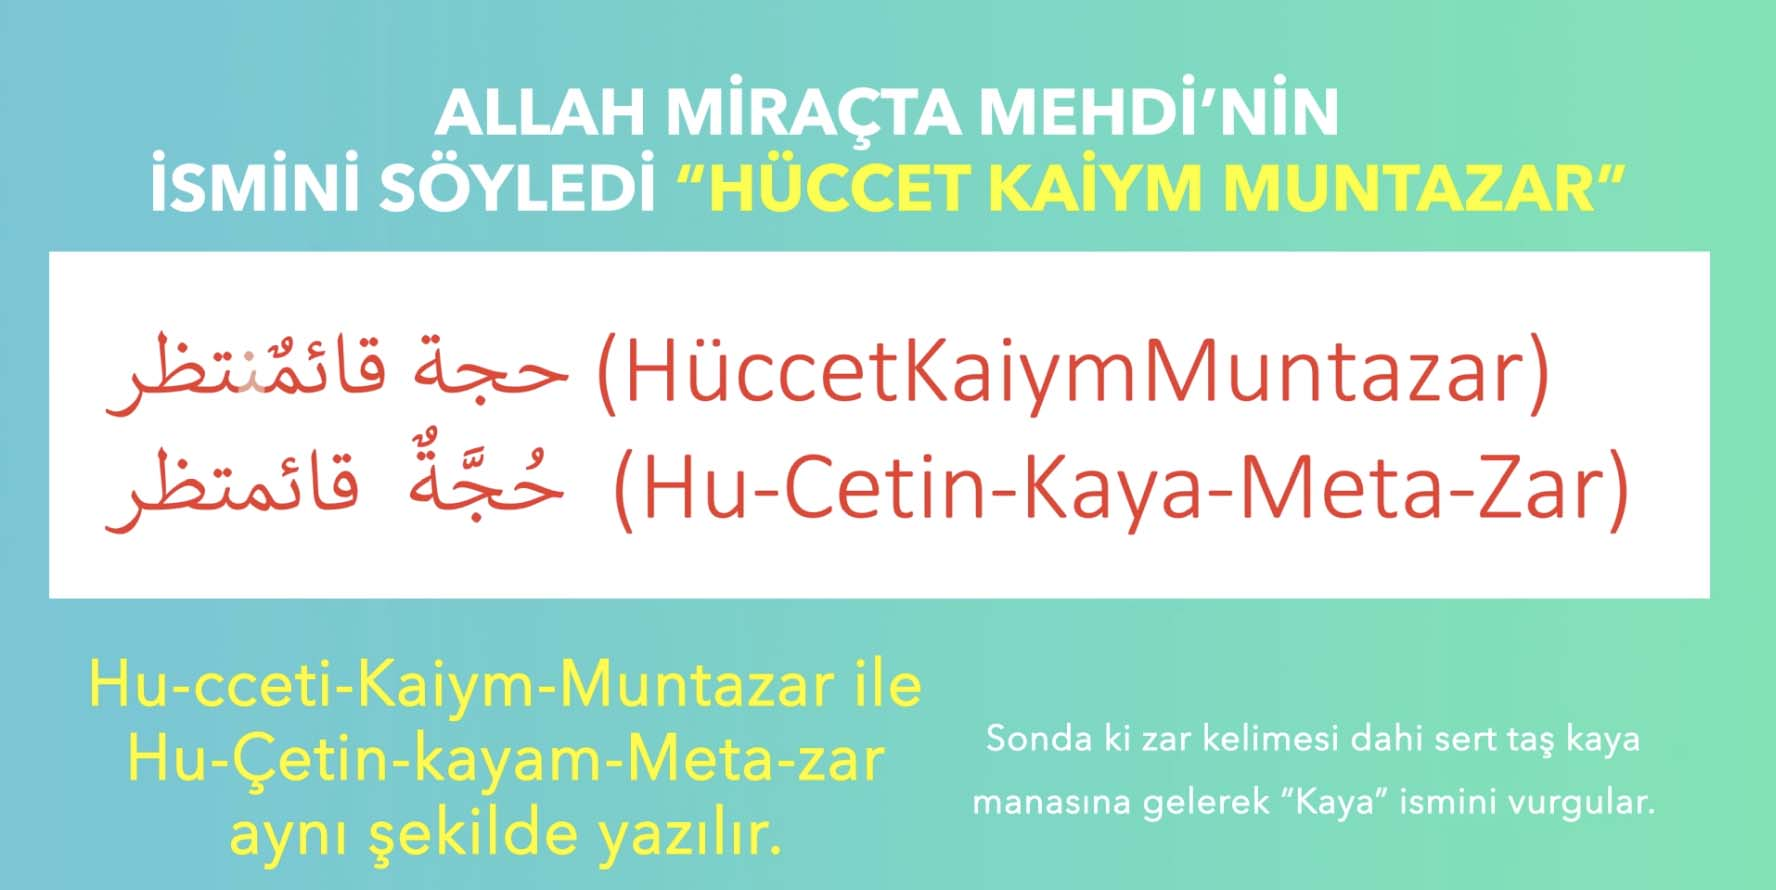 KURAN'DA MEHDİ'NİN RESUL (ELÇİ) OLARAK GELECEĞİNİN KURAN'DAN ...